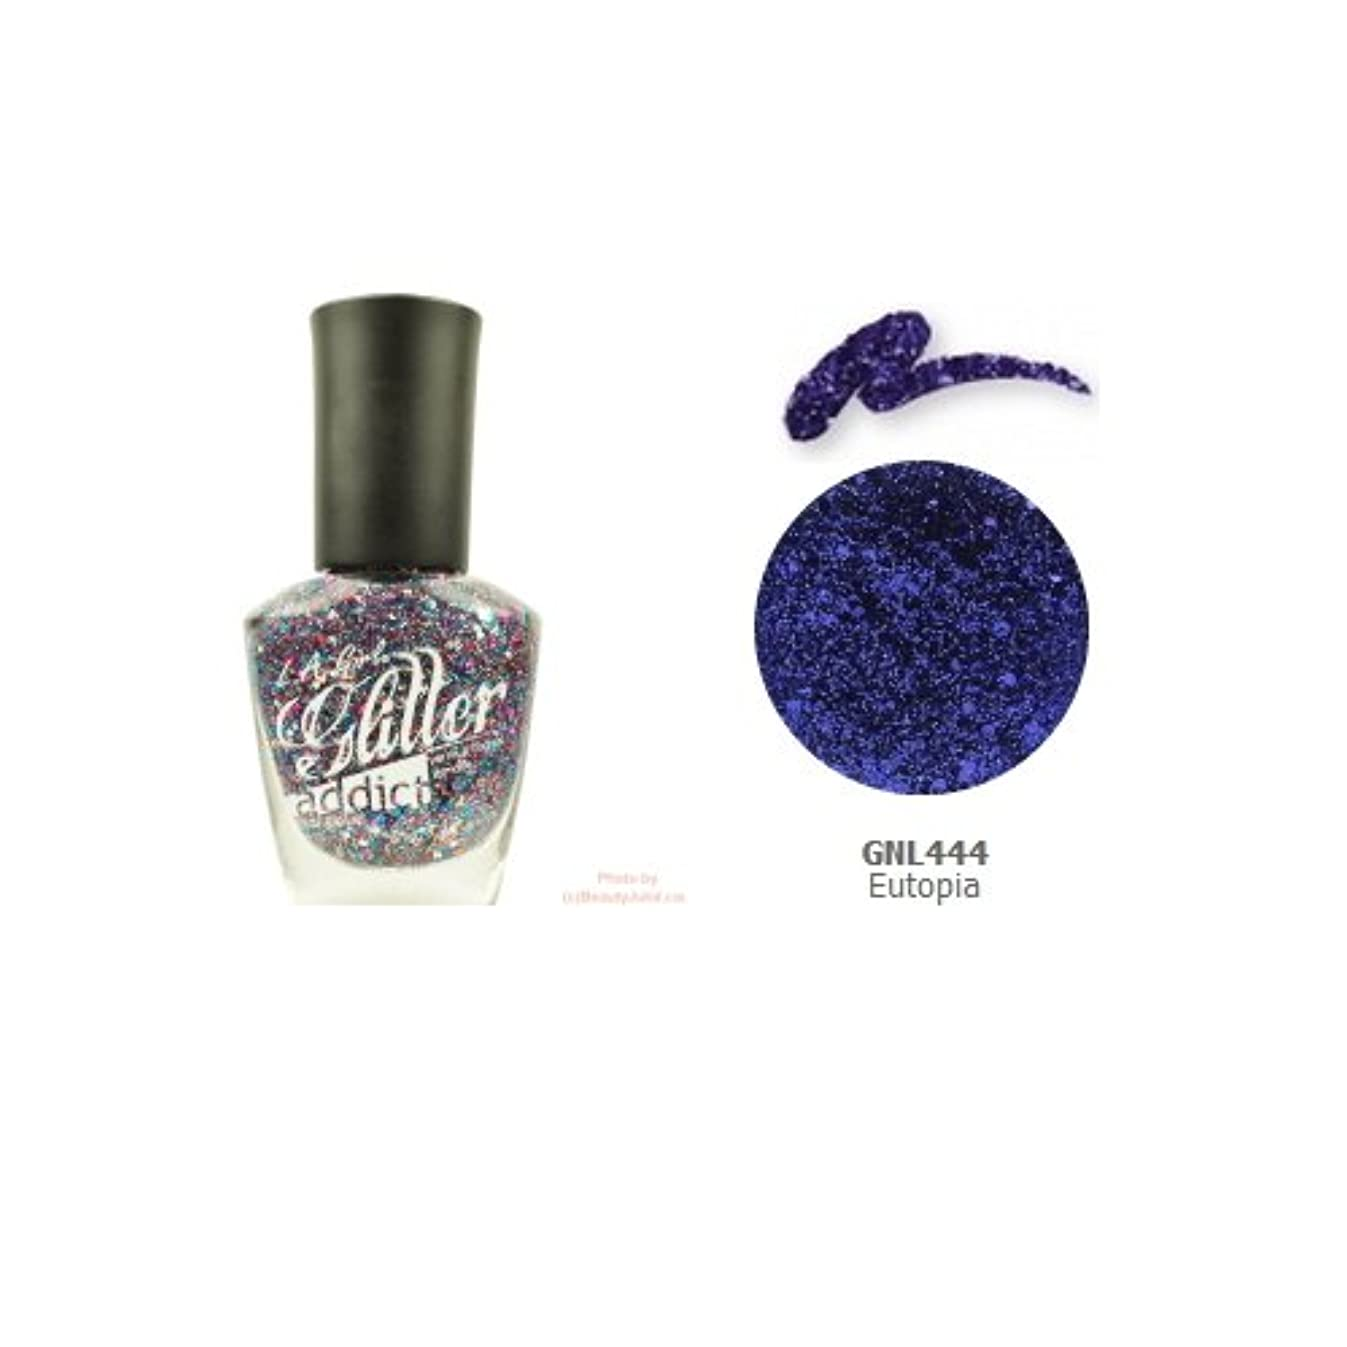 追放時期尚早なだめる(3 Pack) LA GIRL Glitter Addict Polish - Eutopia (並行輸入品)